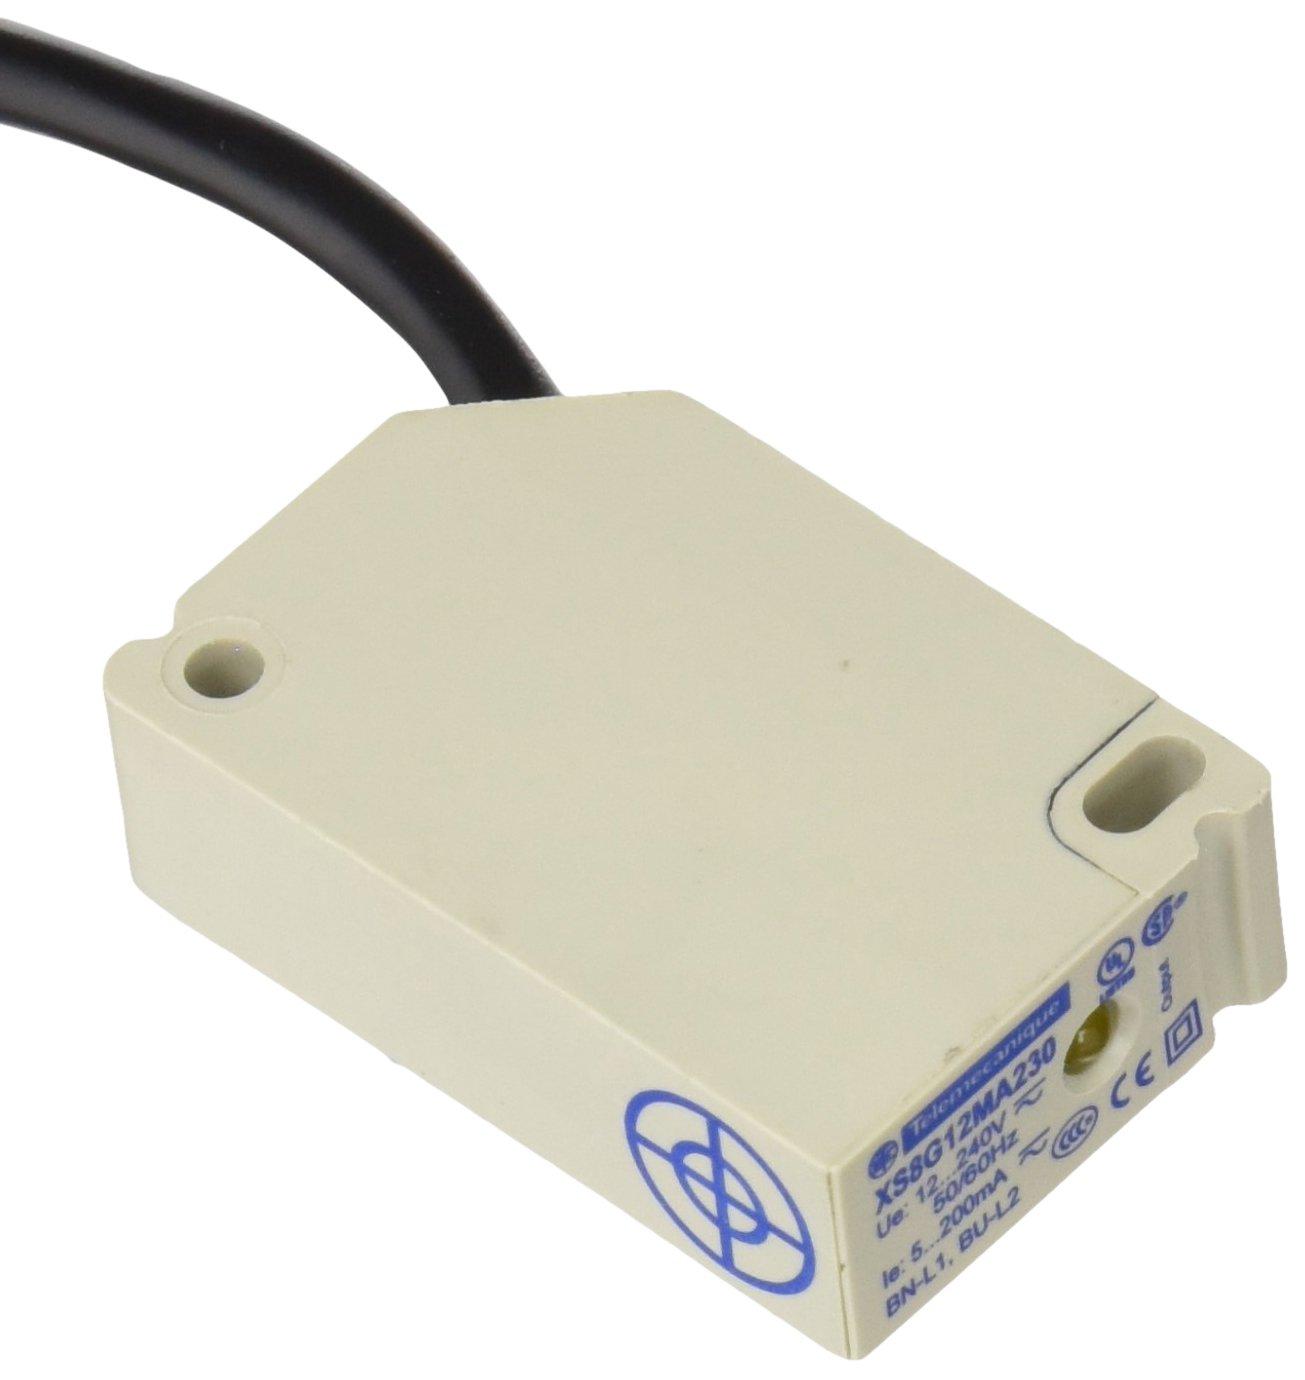 Telemecanique psn - det 32 05 - Detector proximidad inductivo 2 hilos corriente continua/corriente alterna cable: Amazon.es: Industria, empresas y ciencia